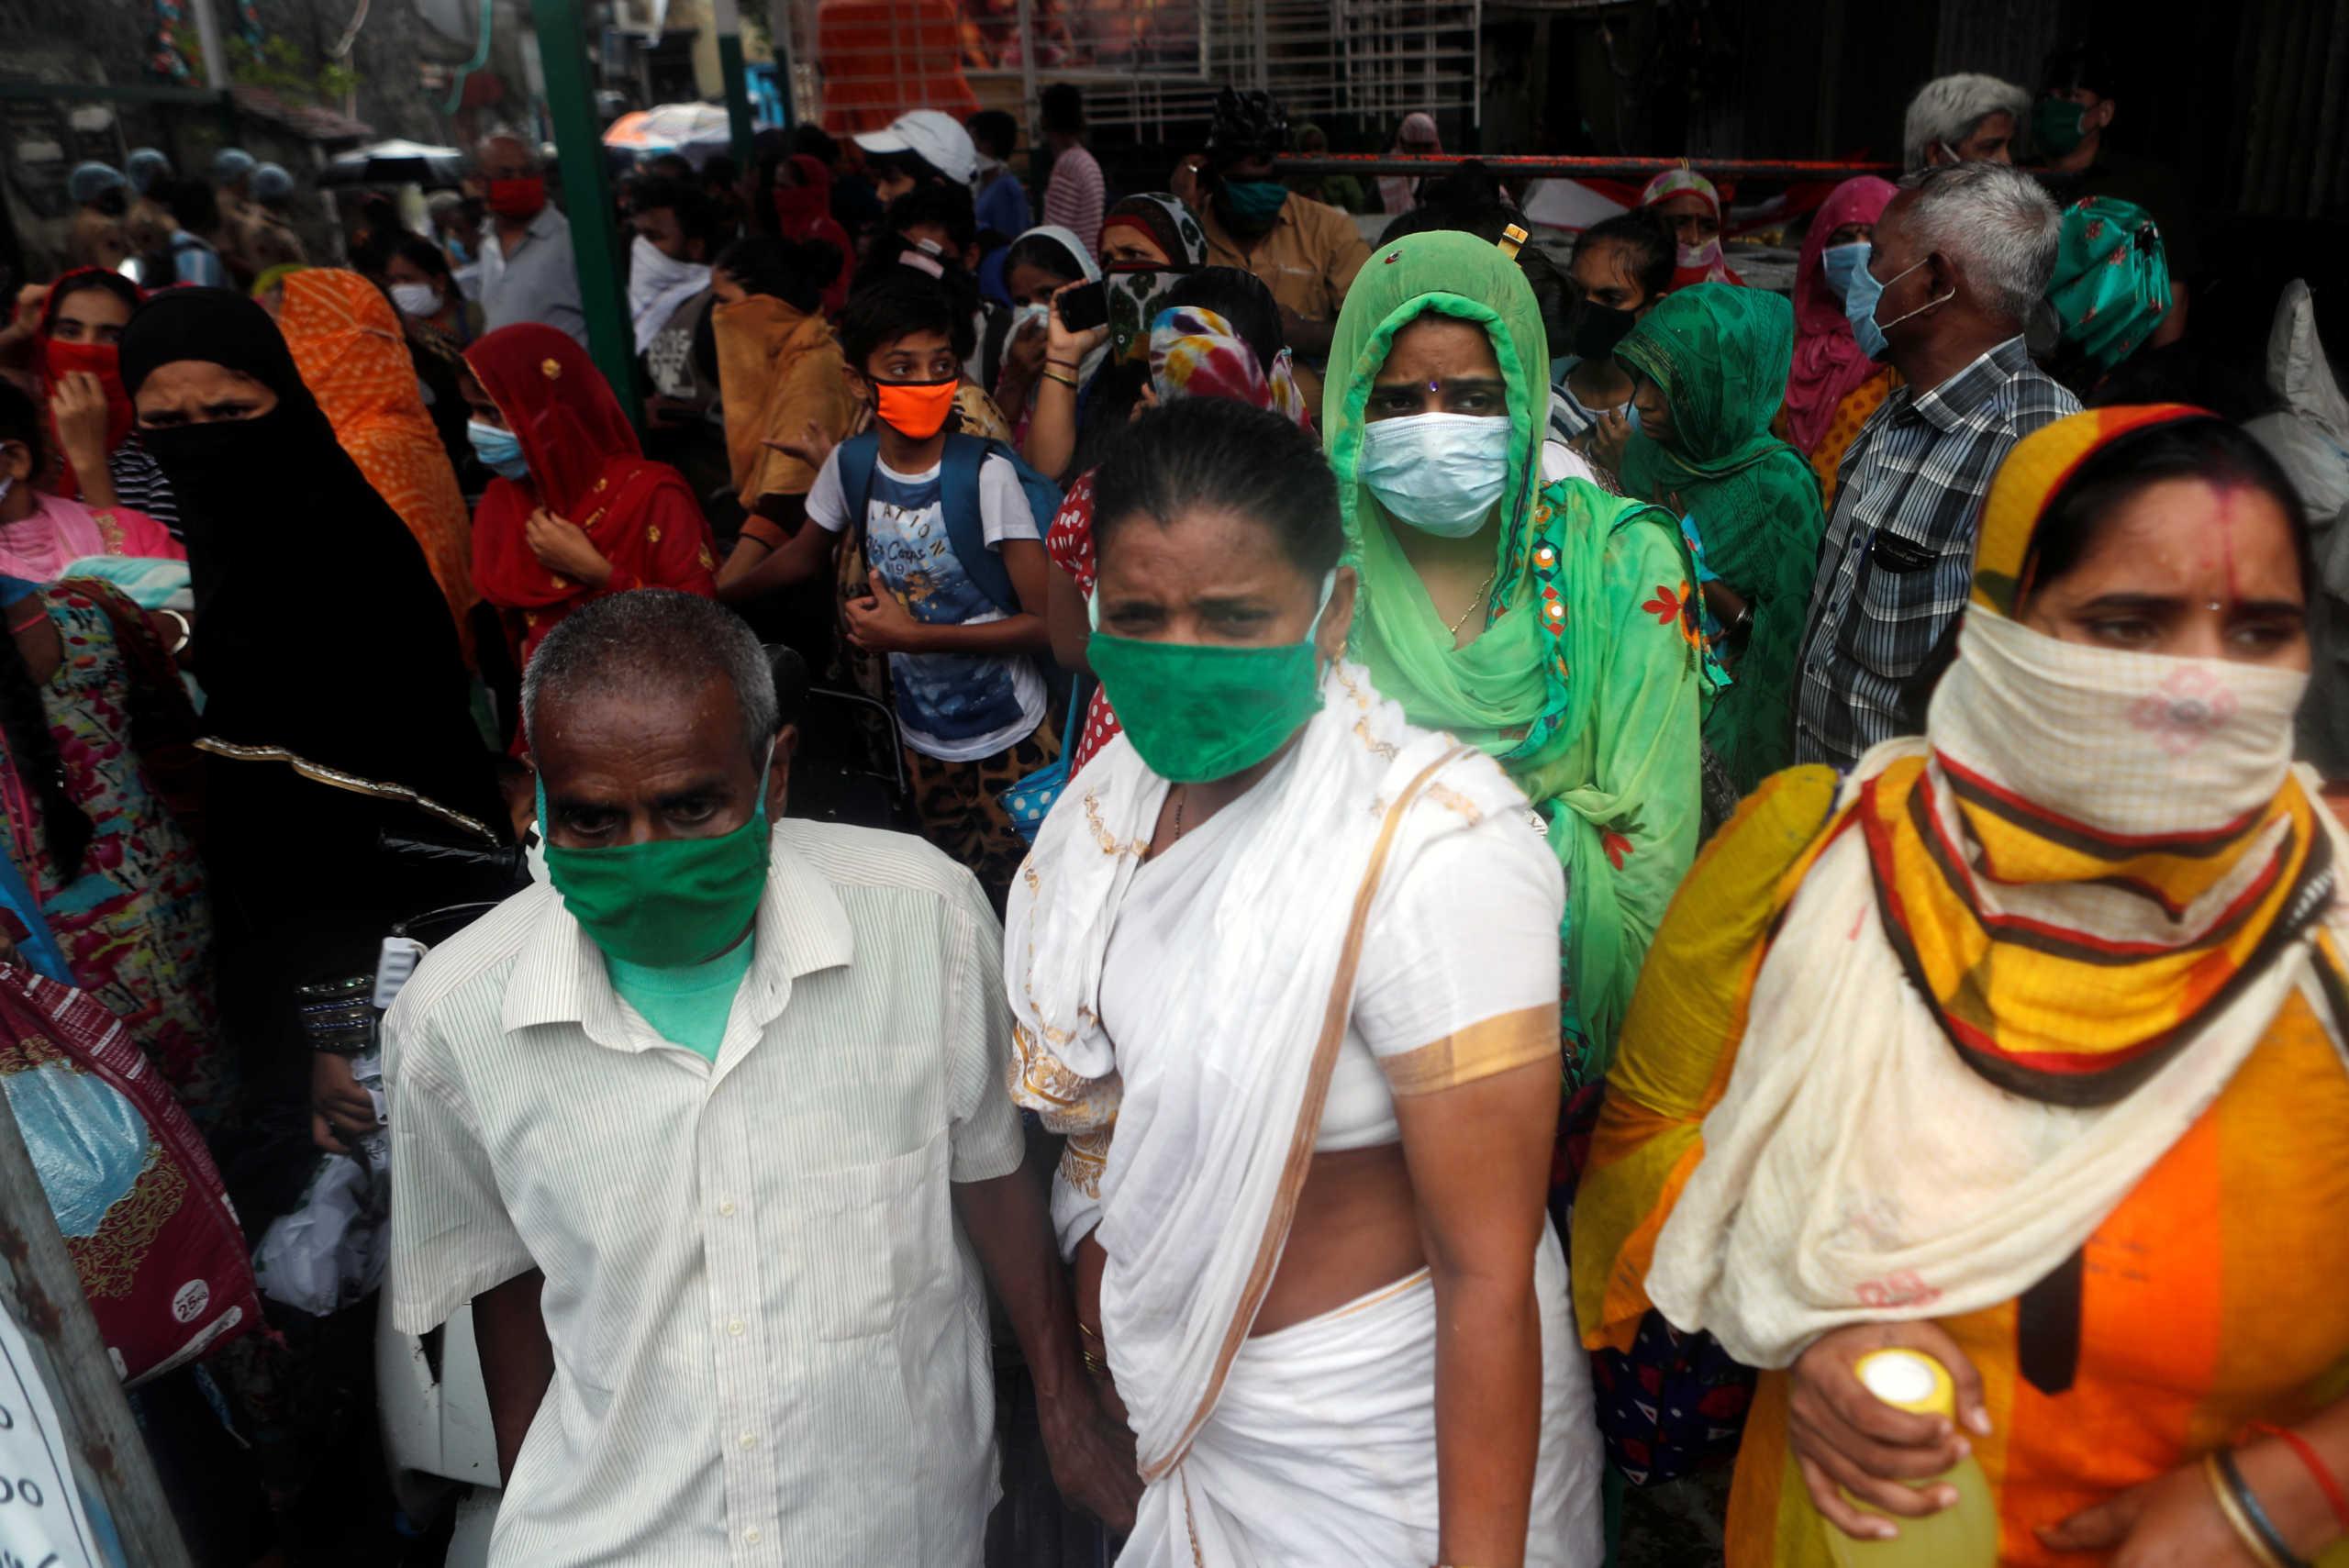 Ινδία: Ανοίγουν εστιατόρια, εμπορικά καταστήματα και χώροι λατρείας παρά την τεράστια αύξηση των κρουσμάτων